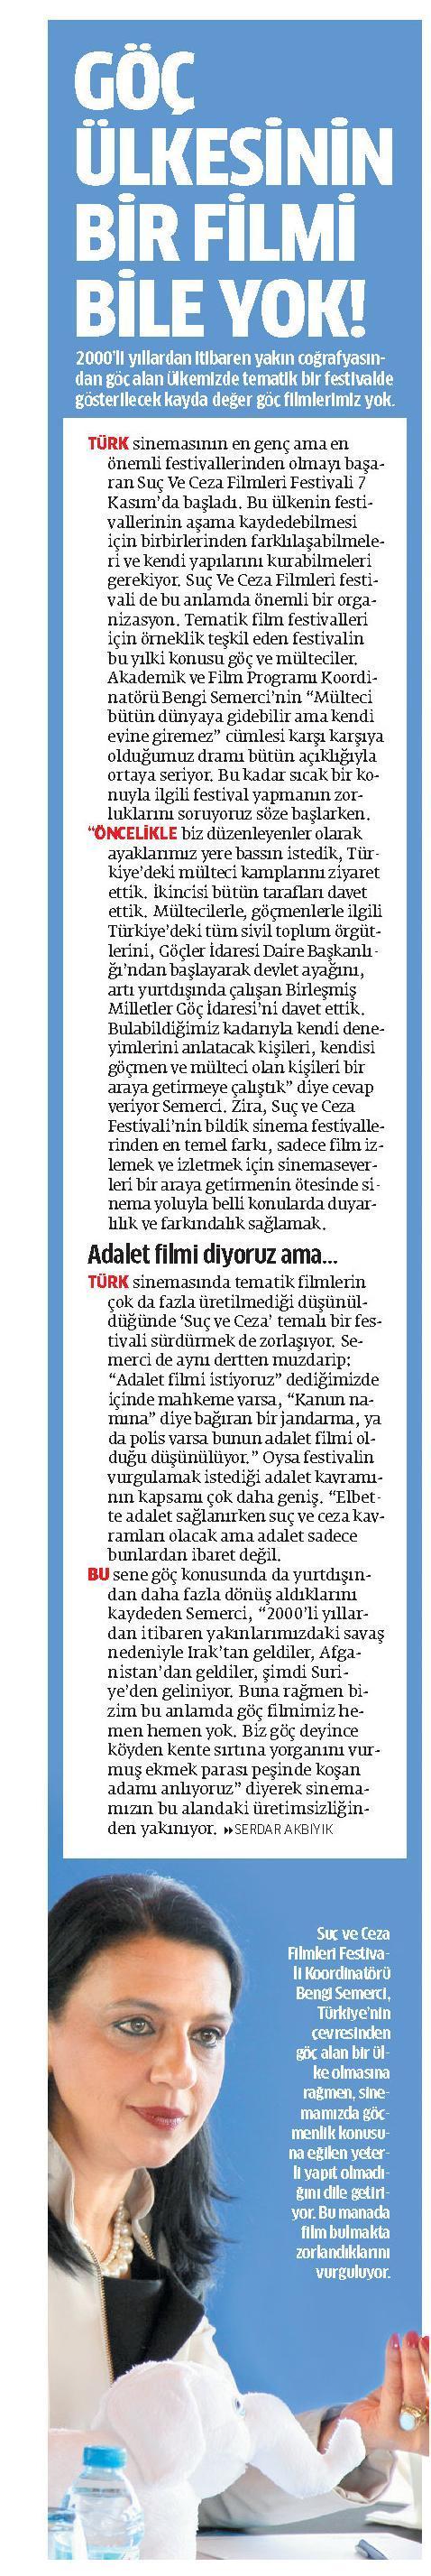 Göç ülkesinin bir filmi bile yok! - STAR 12.11.2014